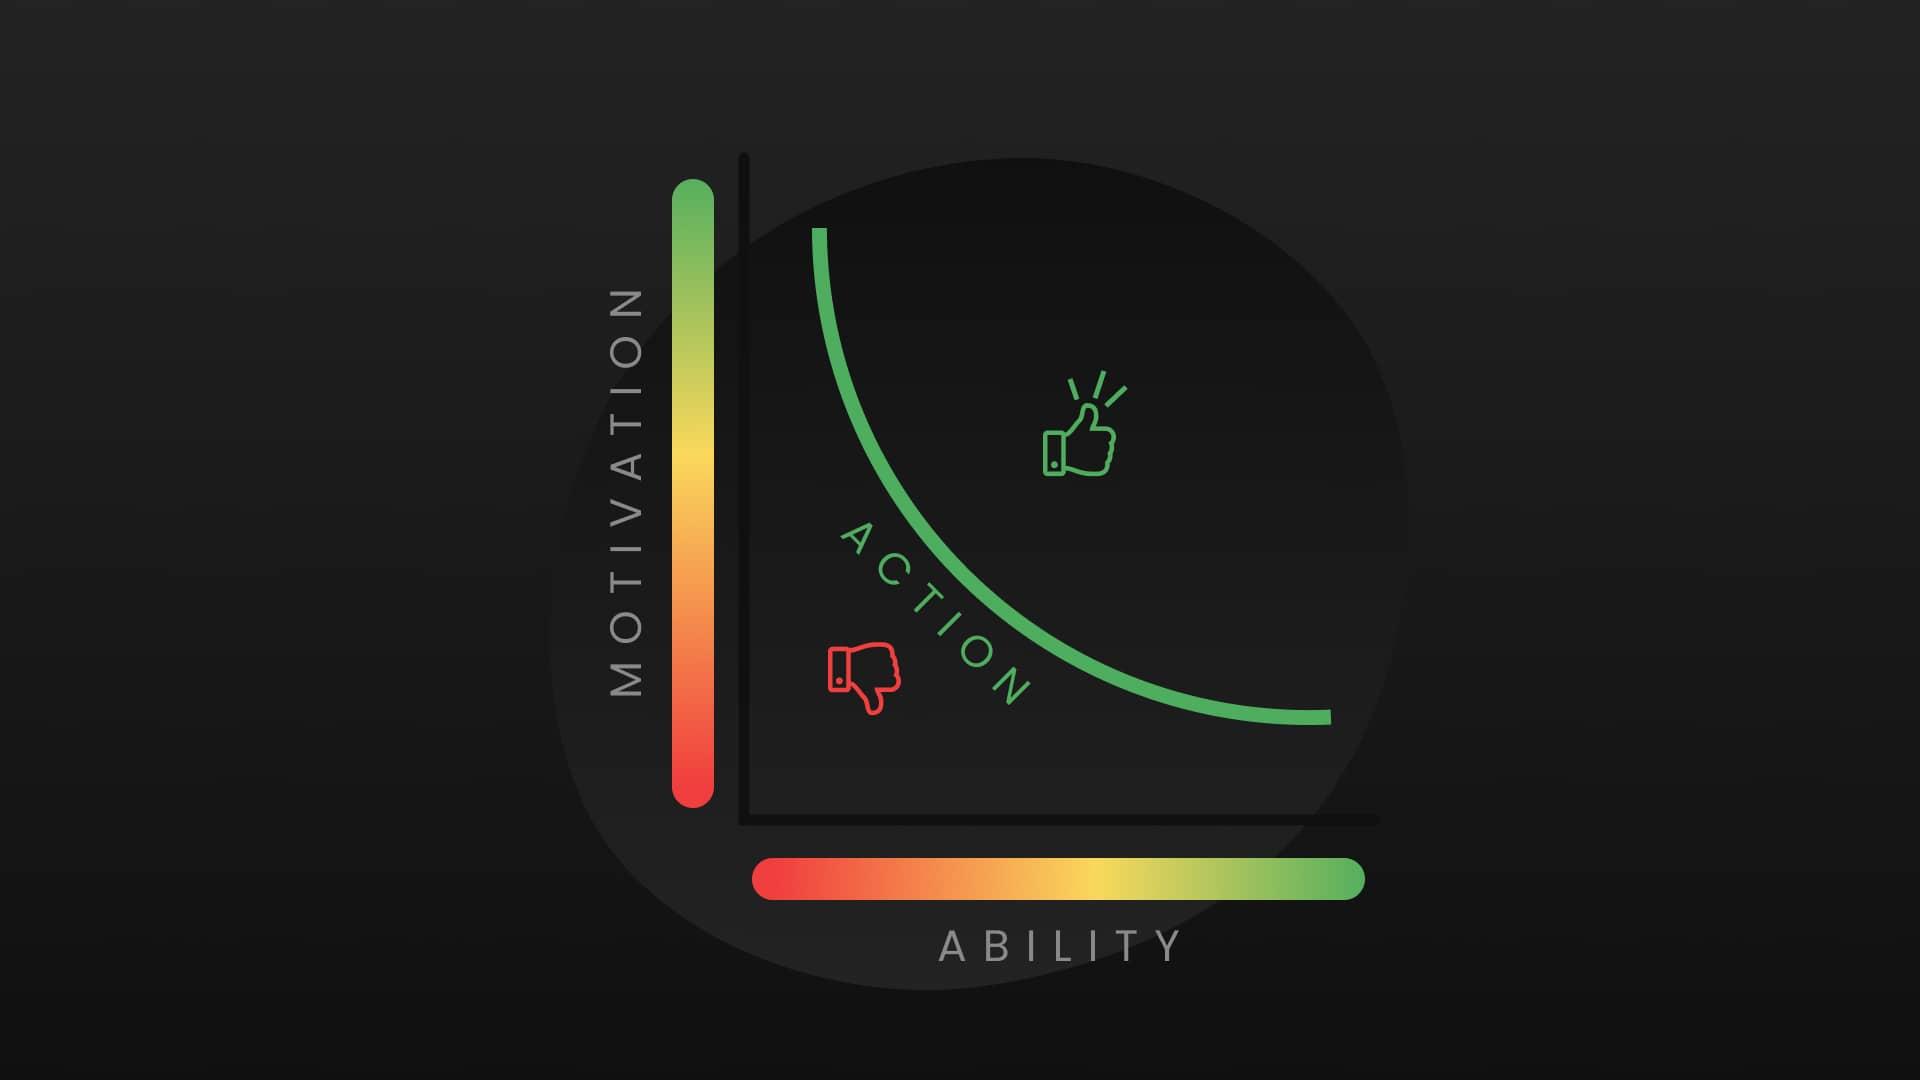 bj fogg behavior model graphic